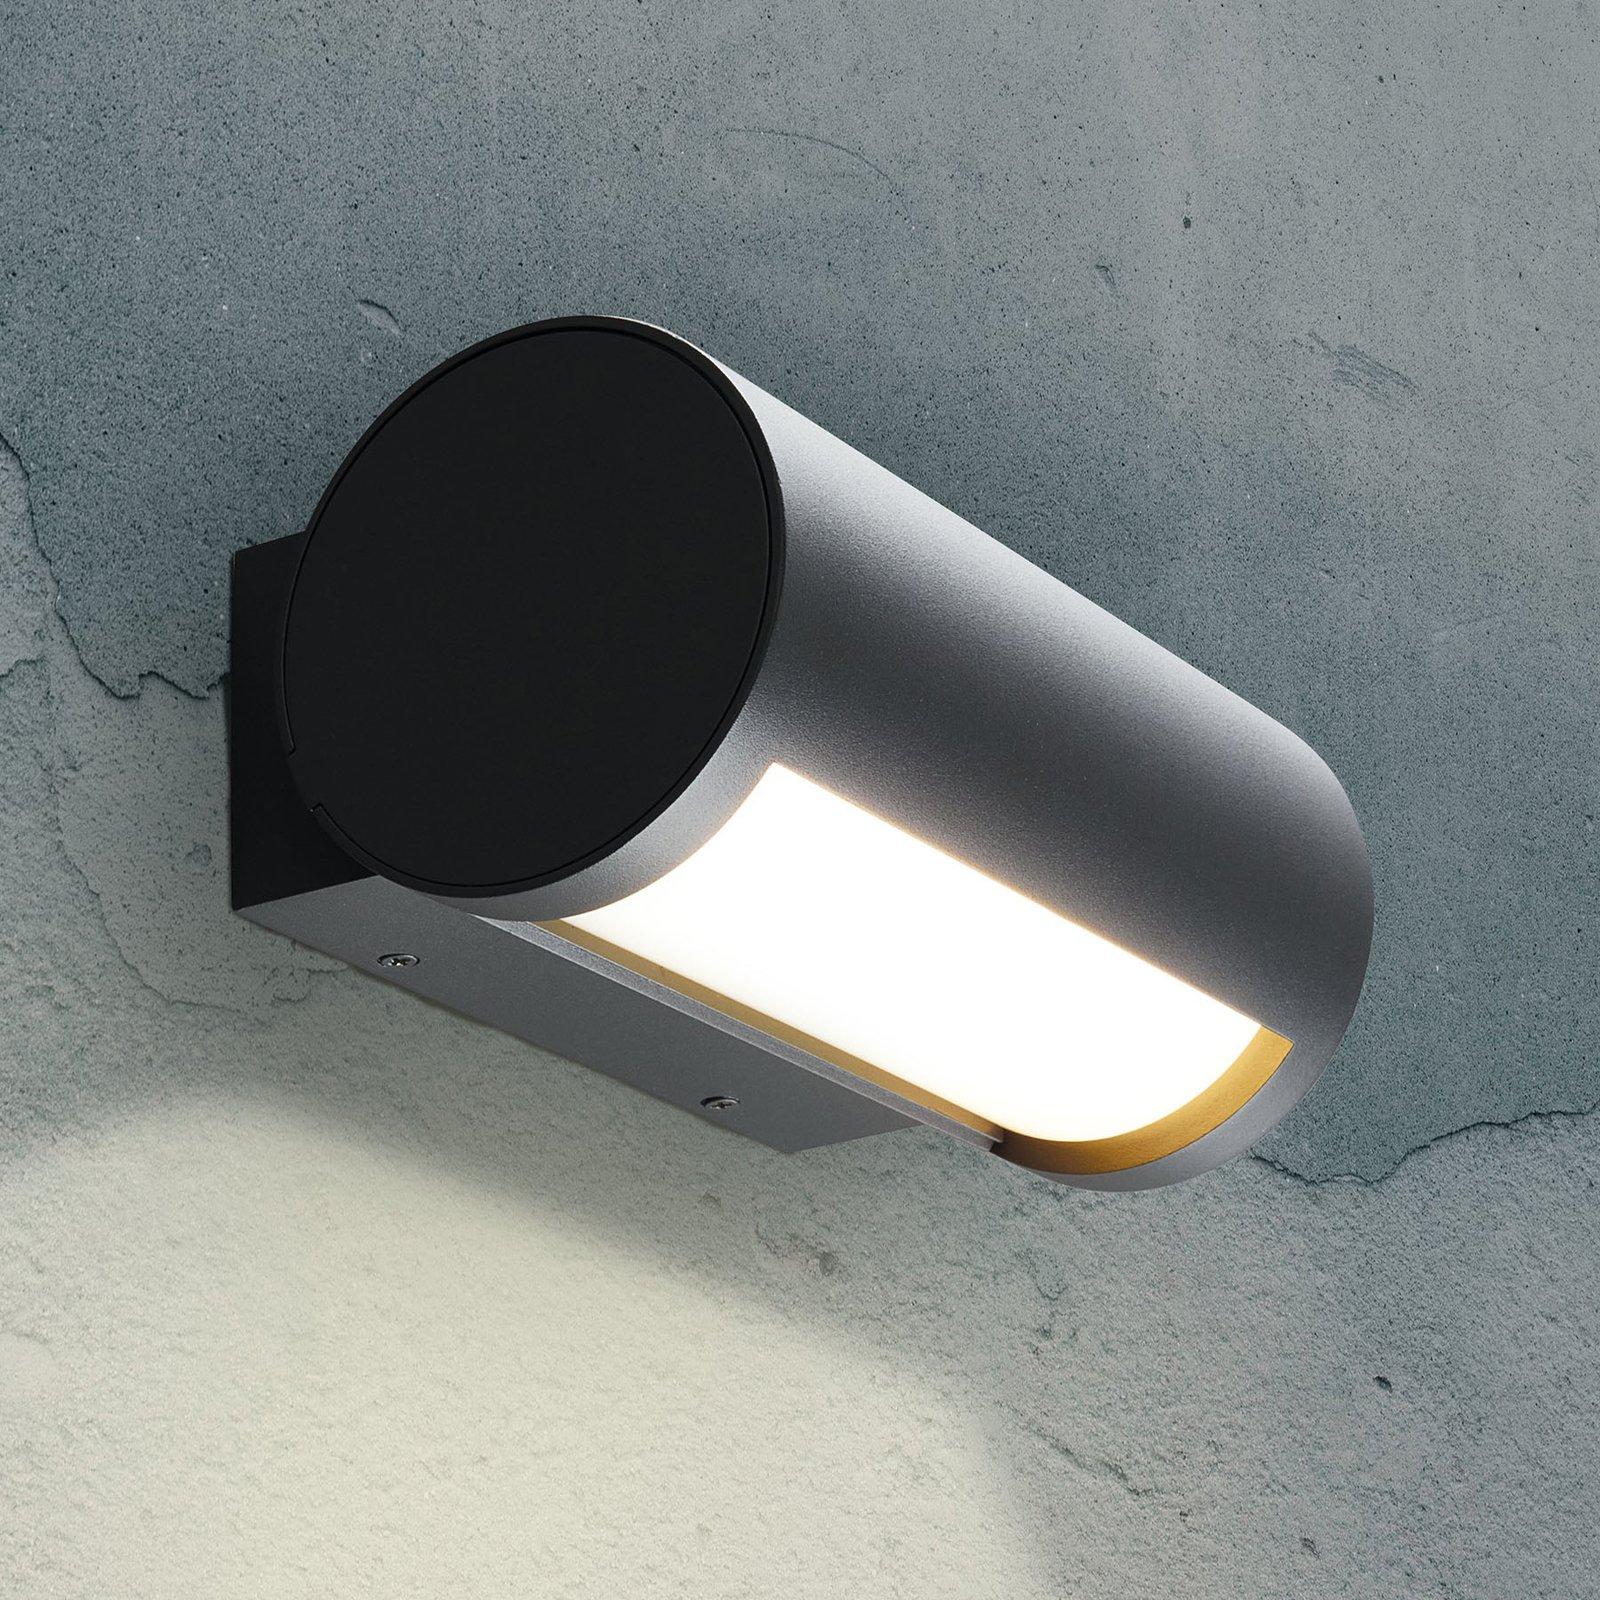 Utendørs LED-vegglampe Timor, justerbart lys